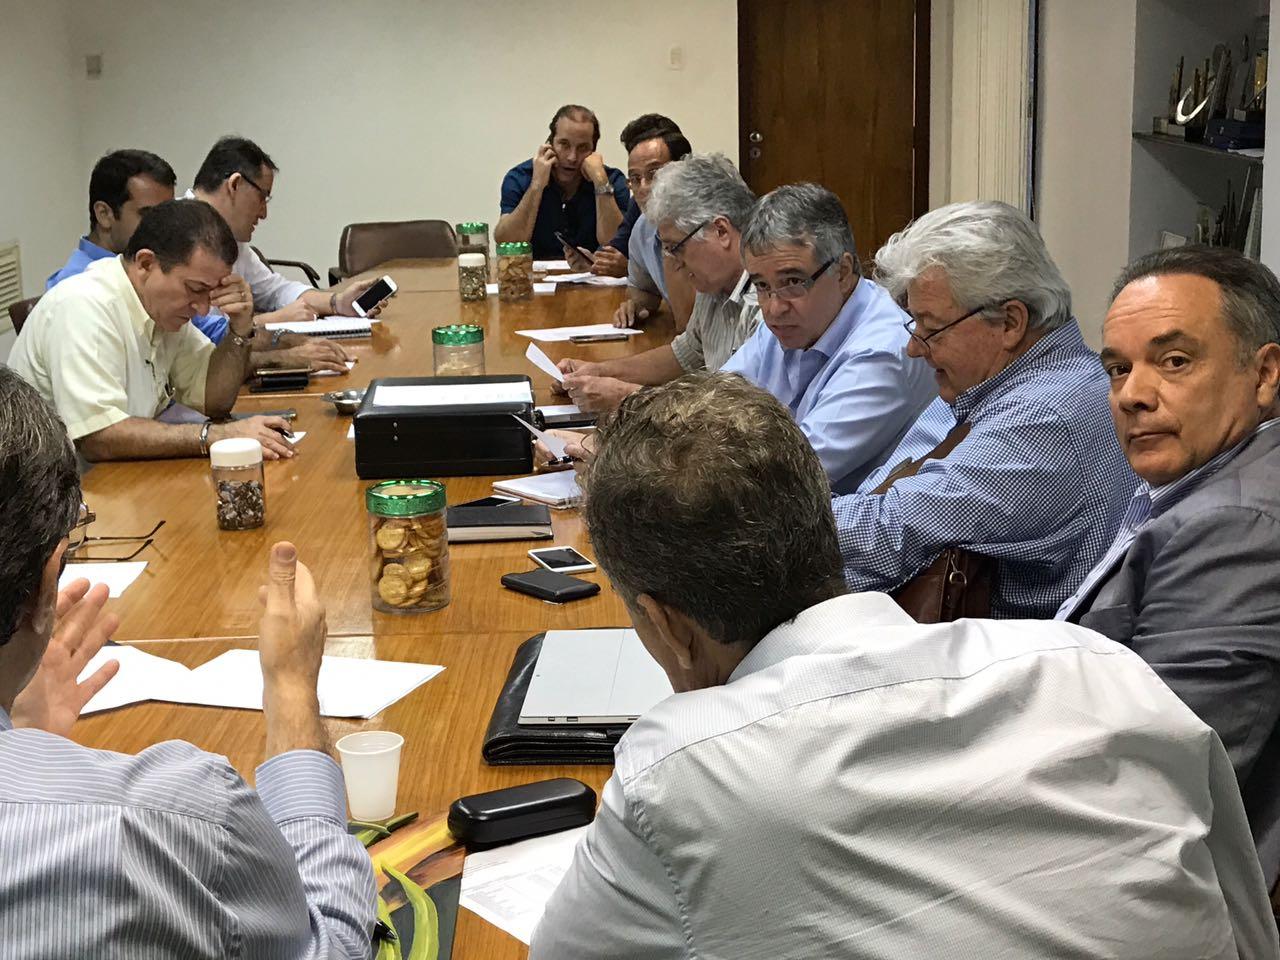 Na sede do SINDAÇÚCAR/PE, Renato Cunha presidindo reunião sobre exportações de açúcar, com as presenças de associados, dia 18/setembro/2017